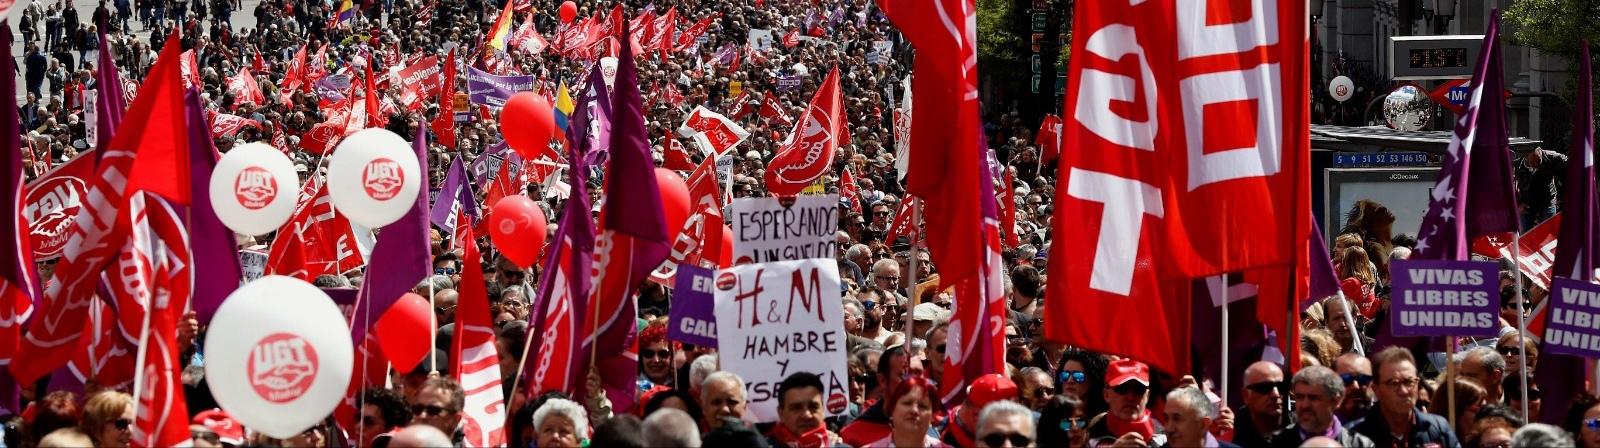 Los sindicatos centran el 1 de mayo en el clamor contra la consolidación del precariado